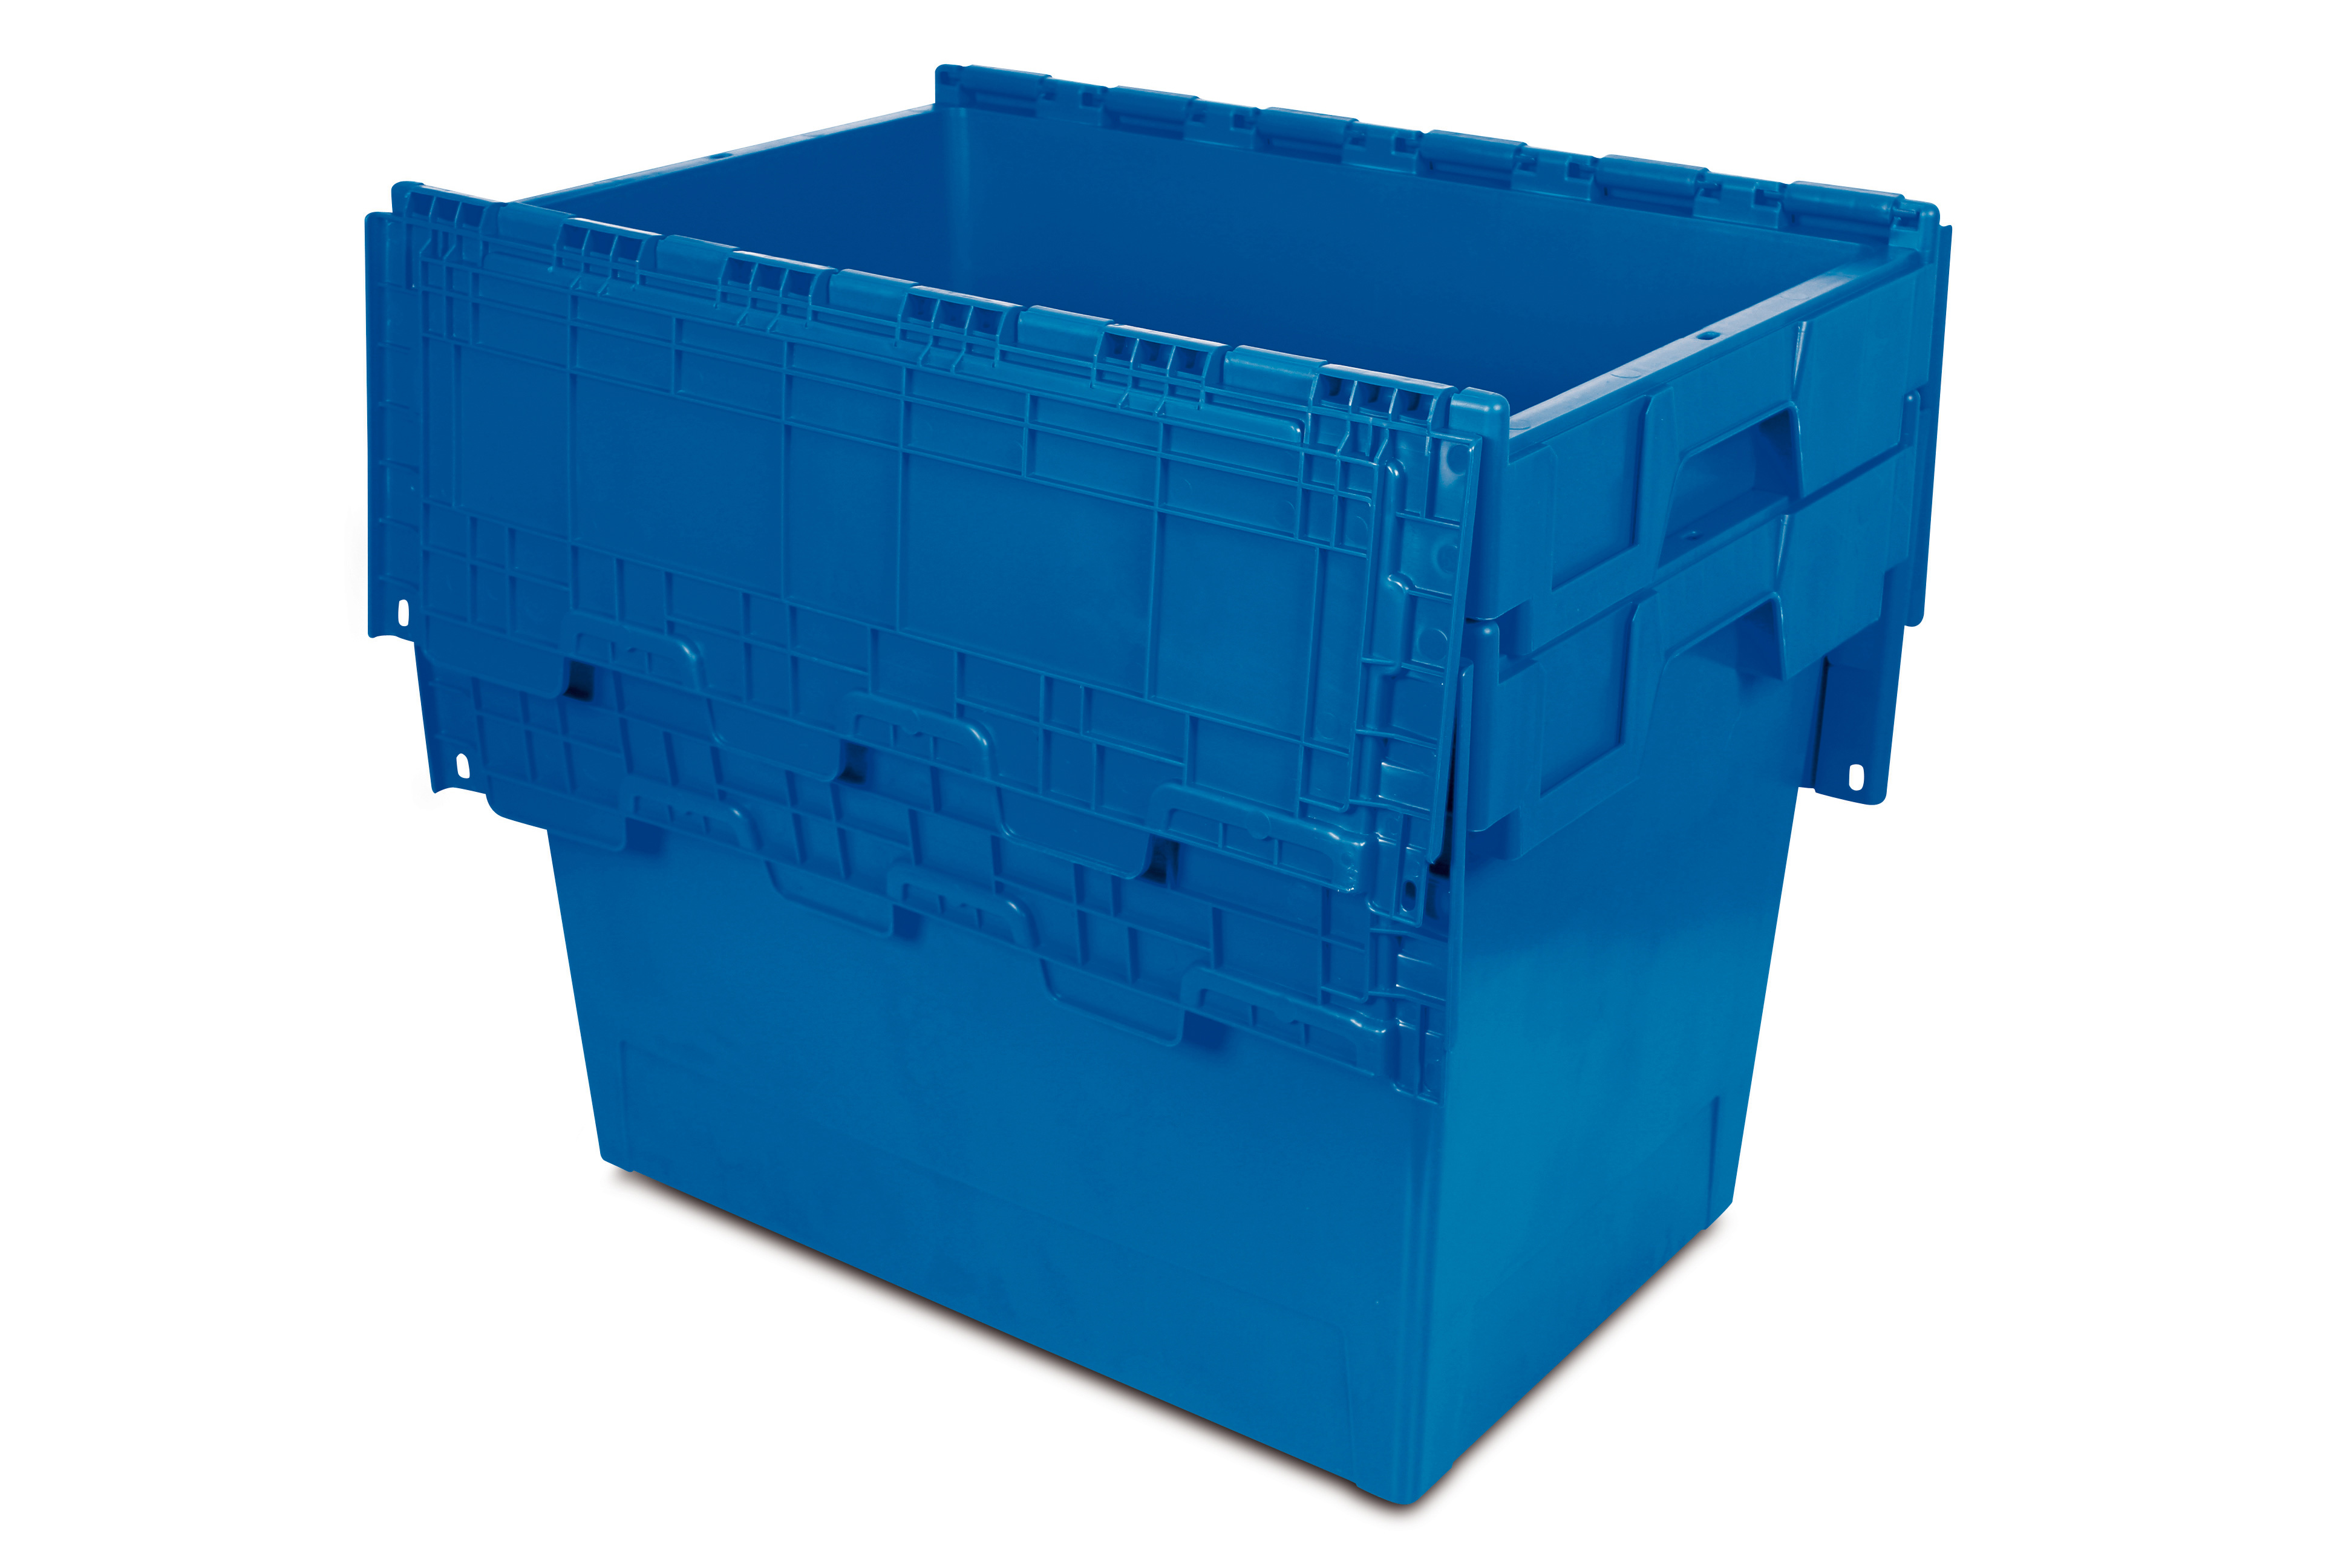 2 euro cajas para almacen y tranporte - Cajas de almacenaje | Cajas apilables | Cajas de plástico